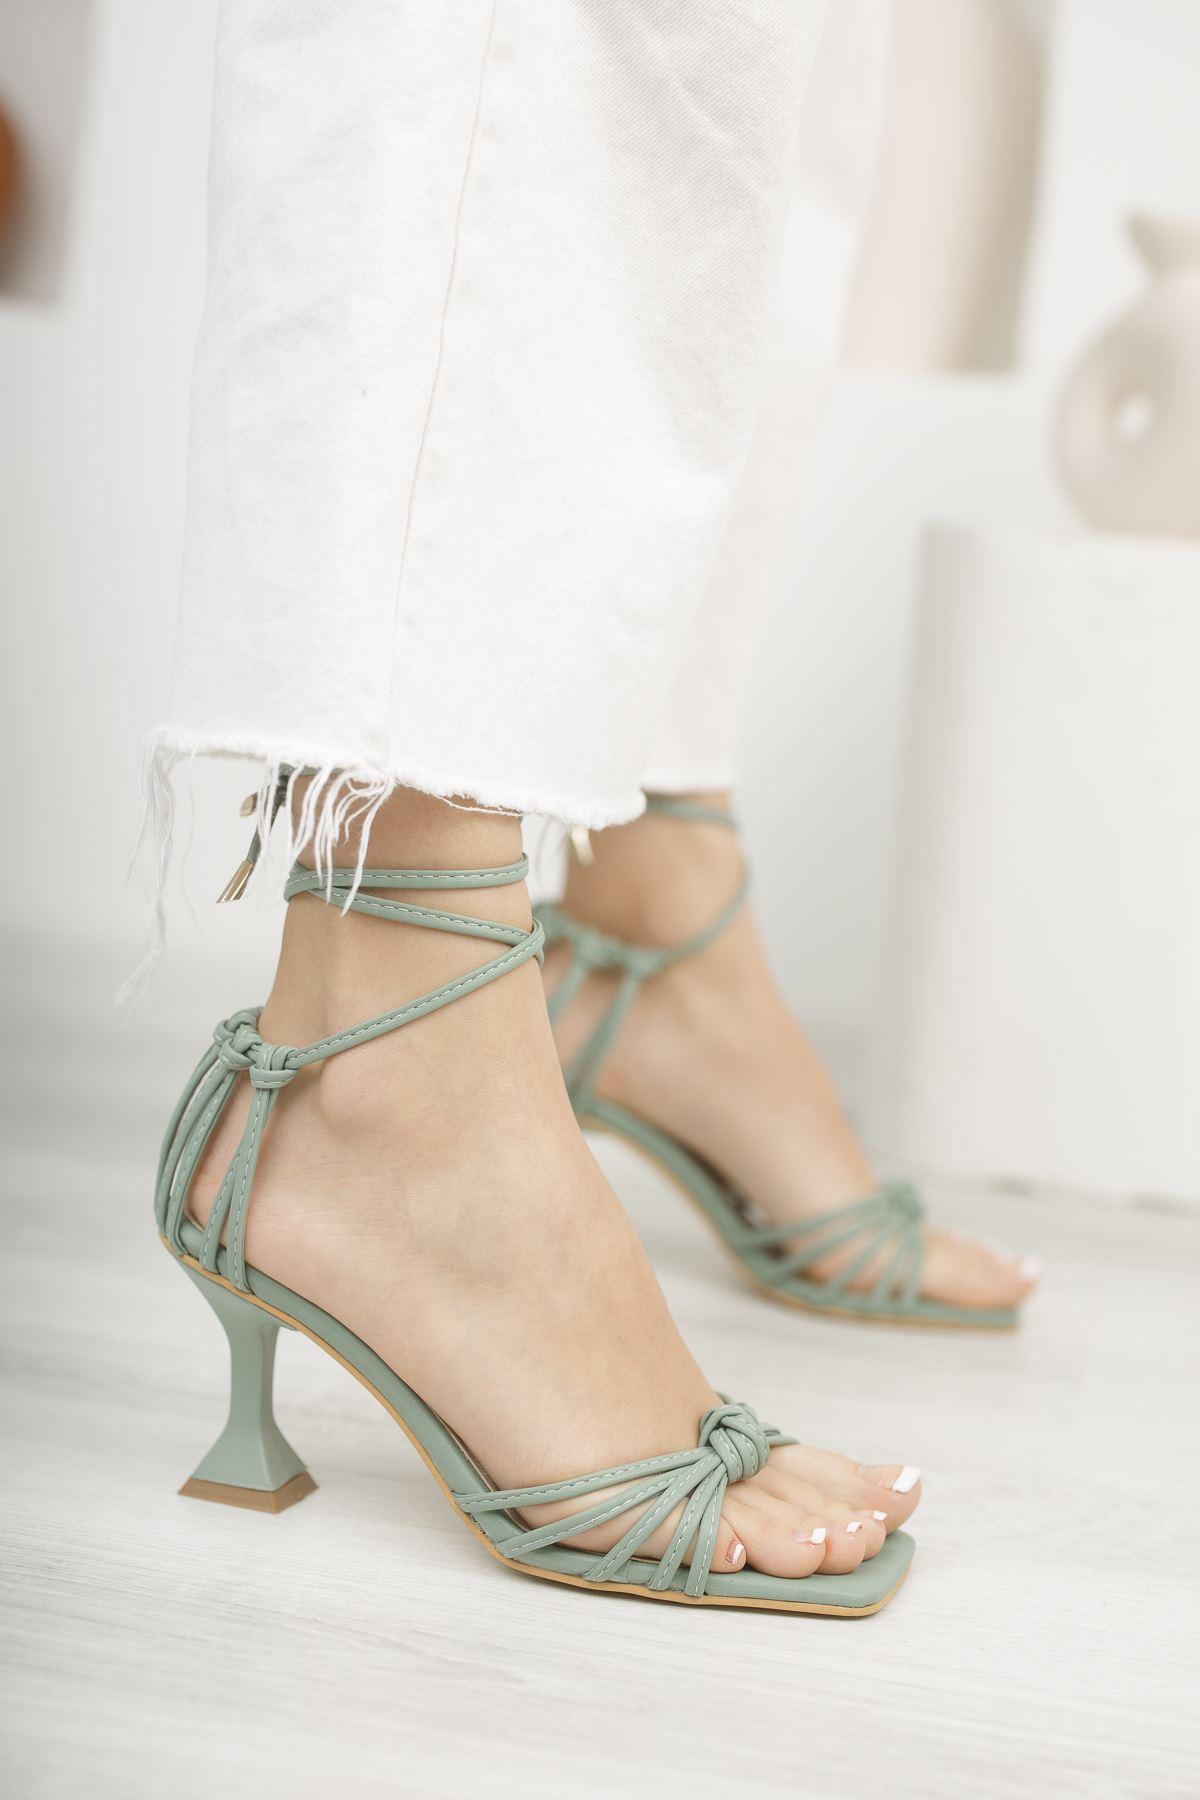 Kadın Gladis Mat Deri Yeşil Topuklu Ayakkabı   Bilekten Bağlama Detaylı